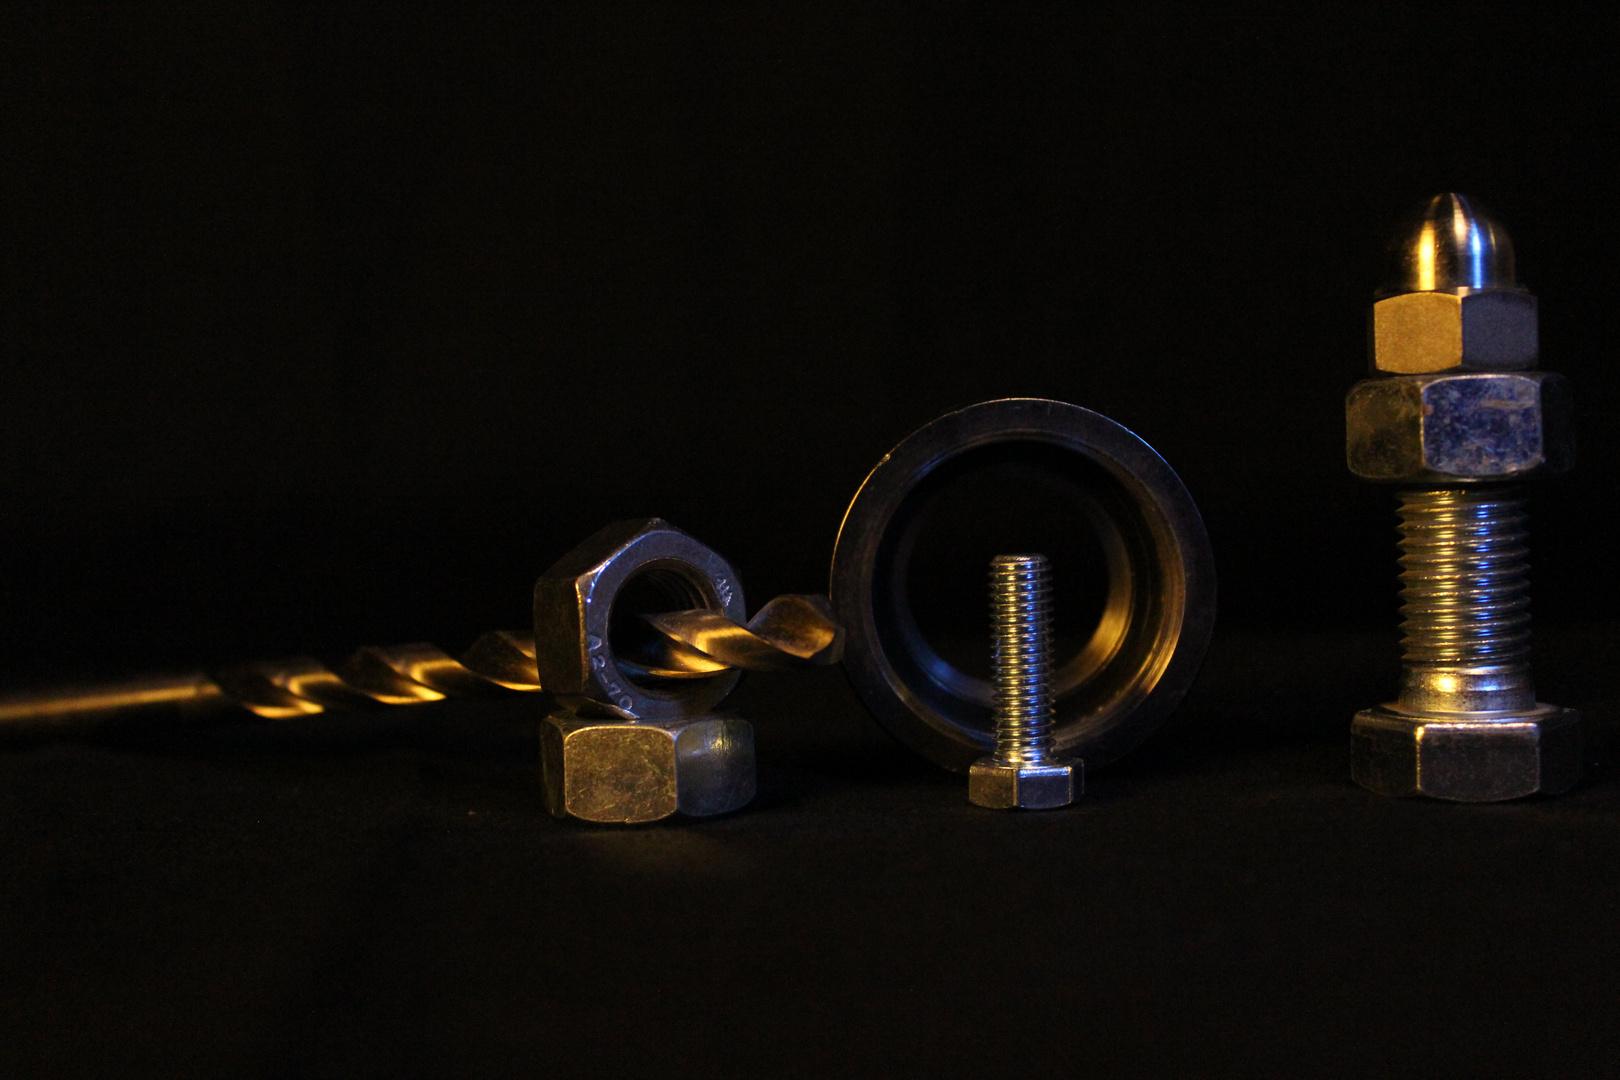 Licht und Metall...